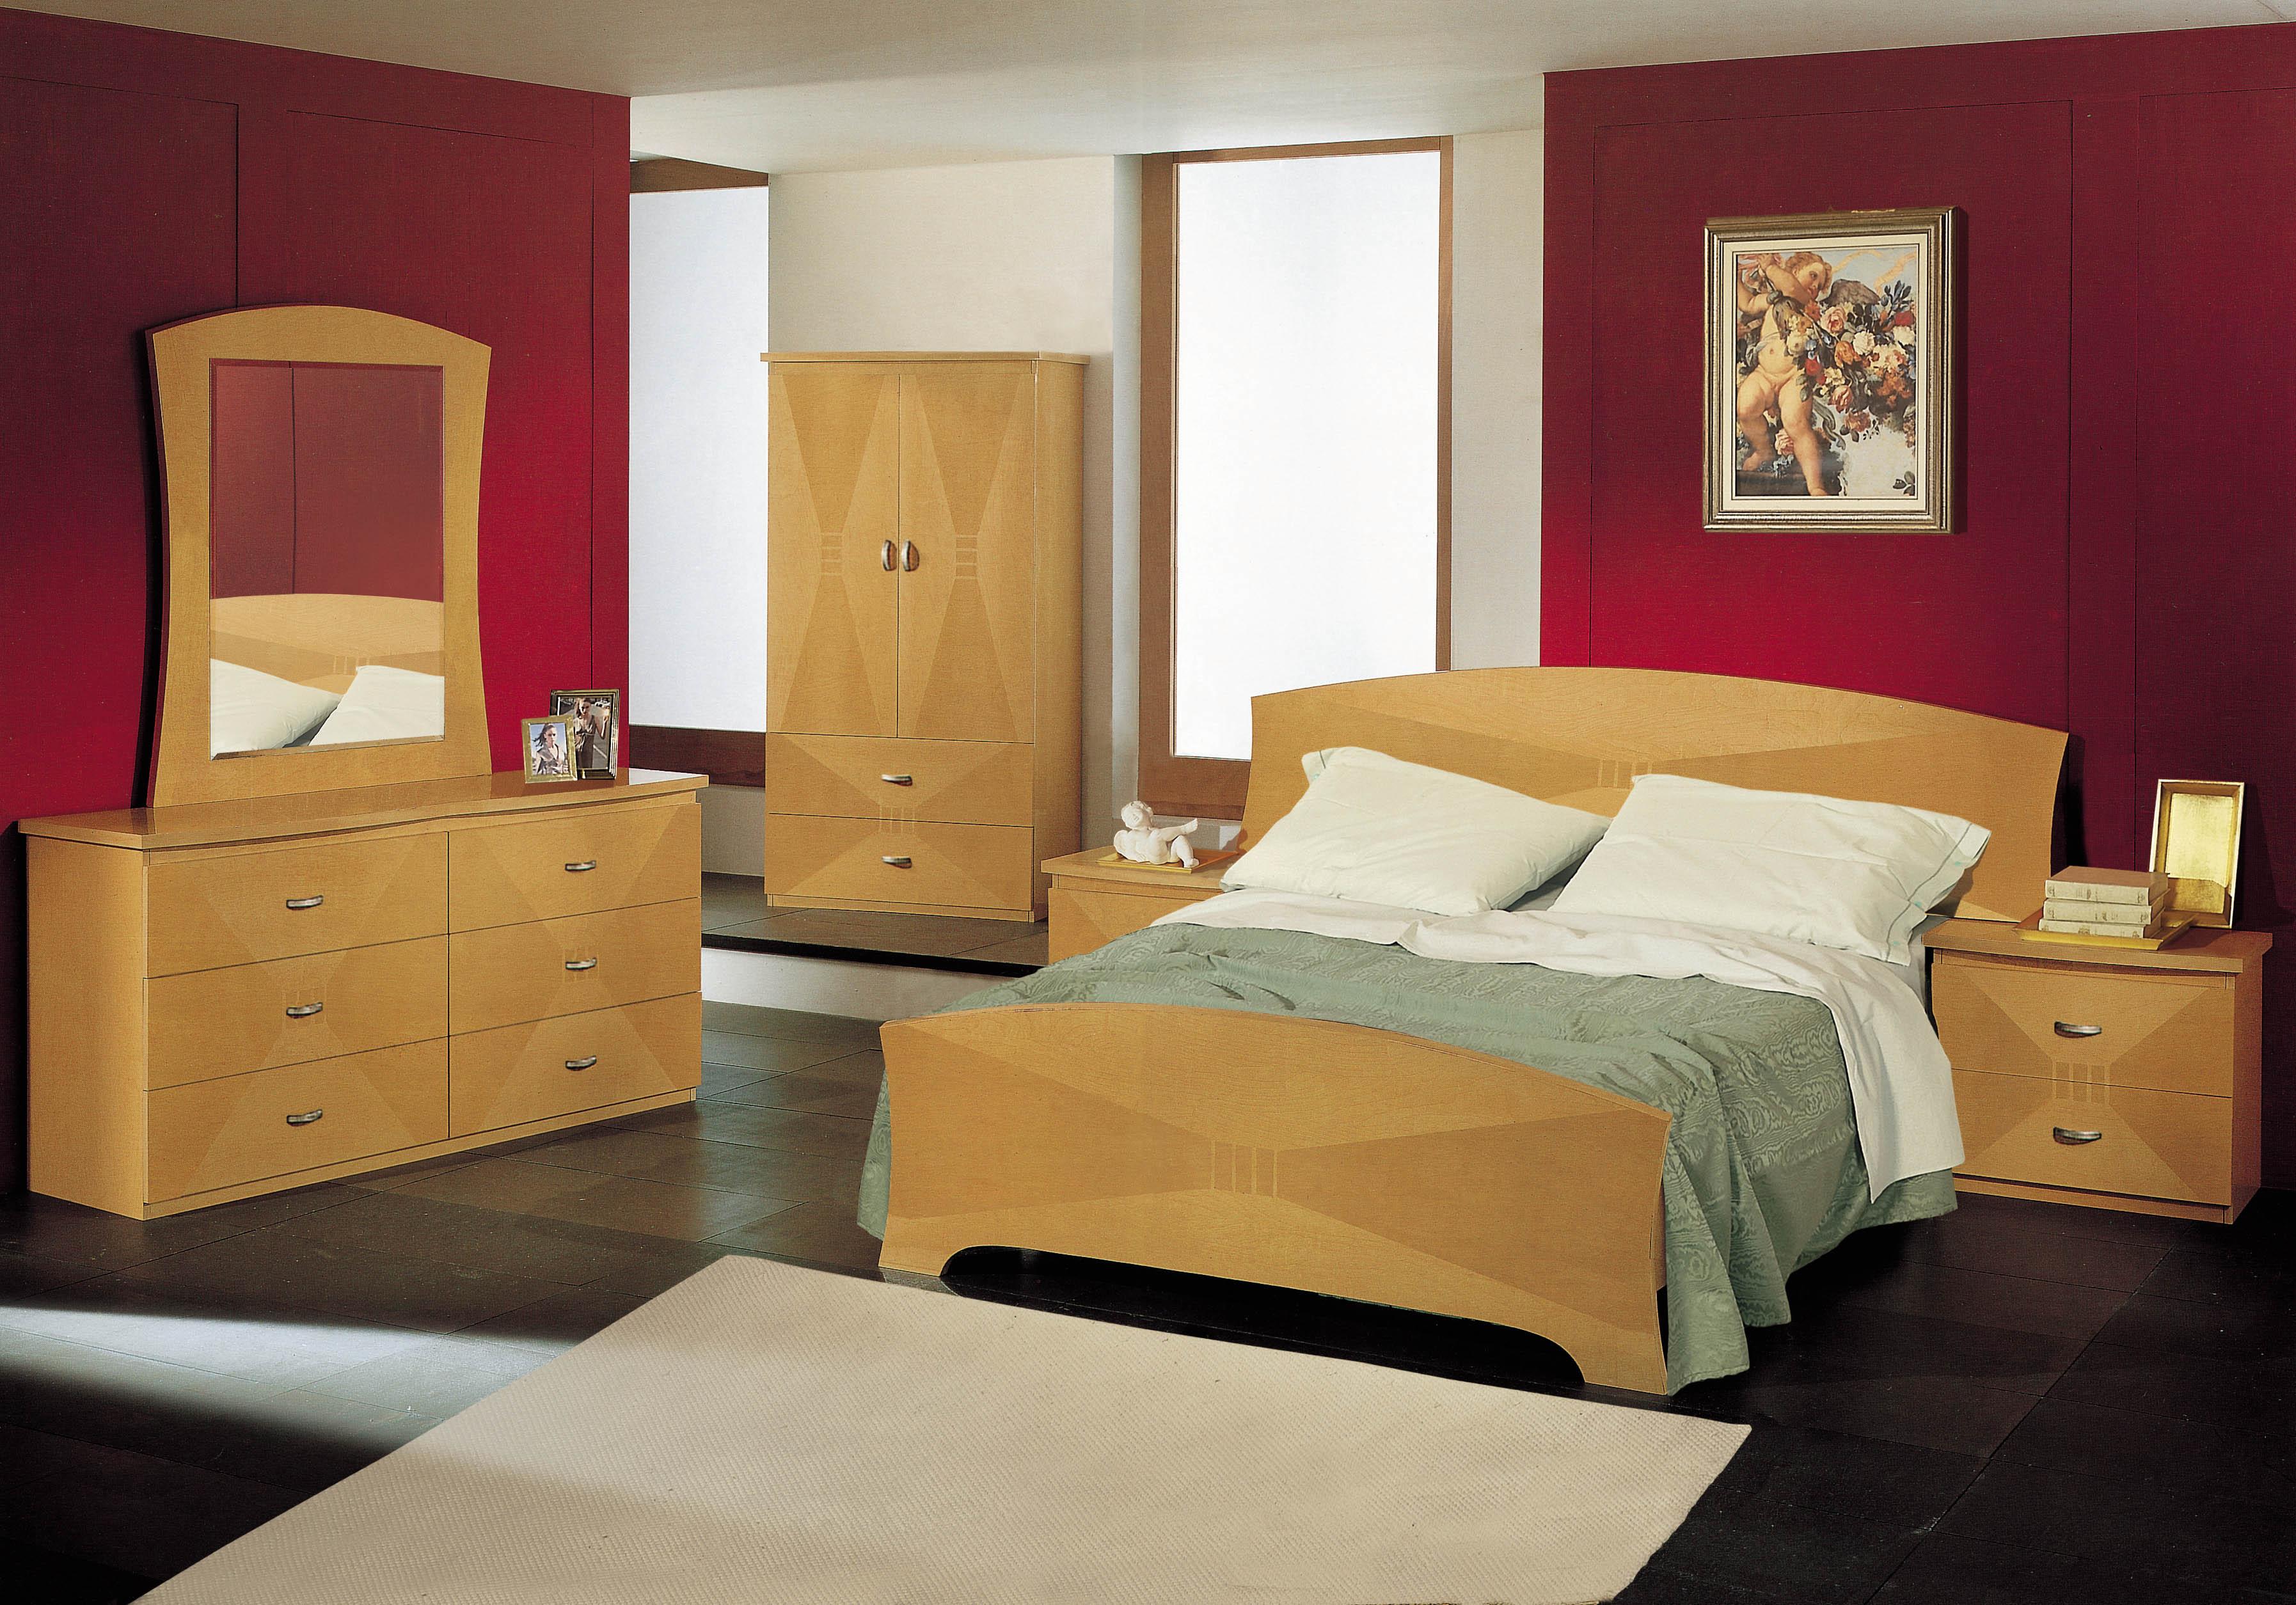 Vera Queen Bedroom Set